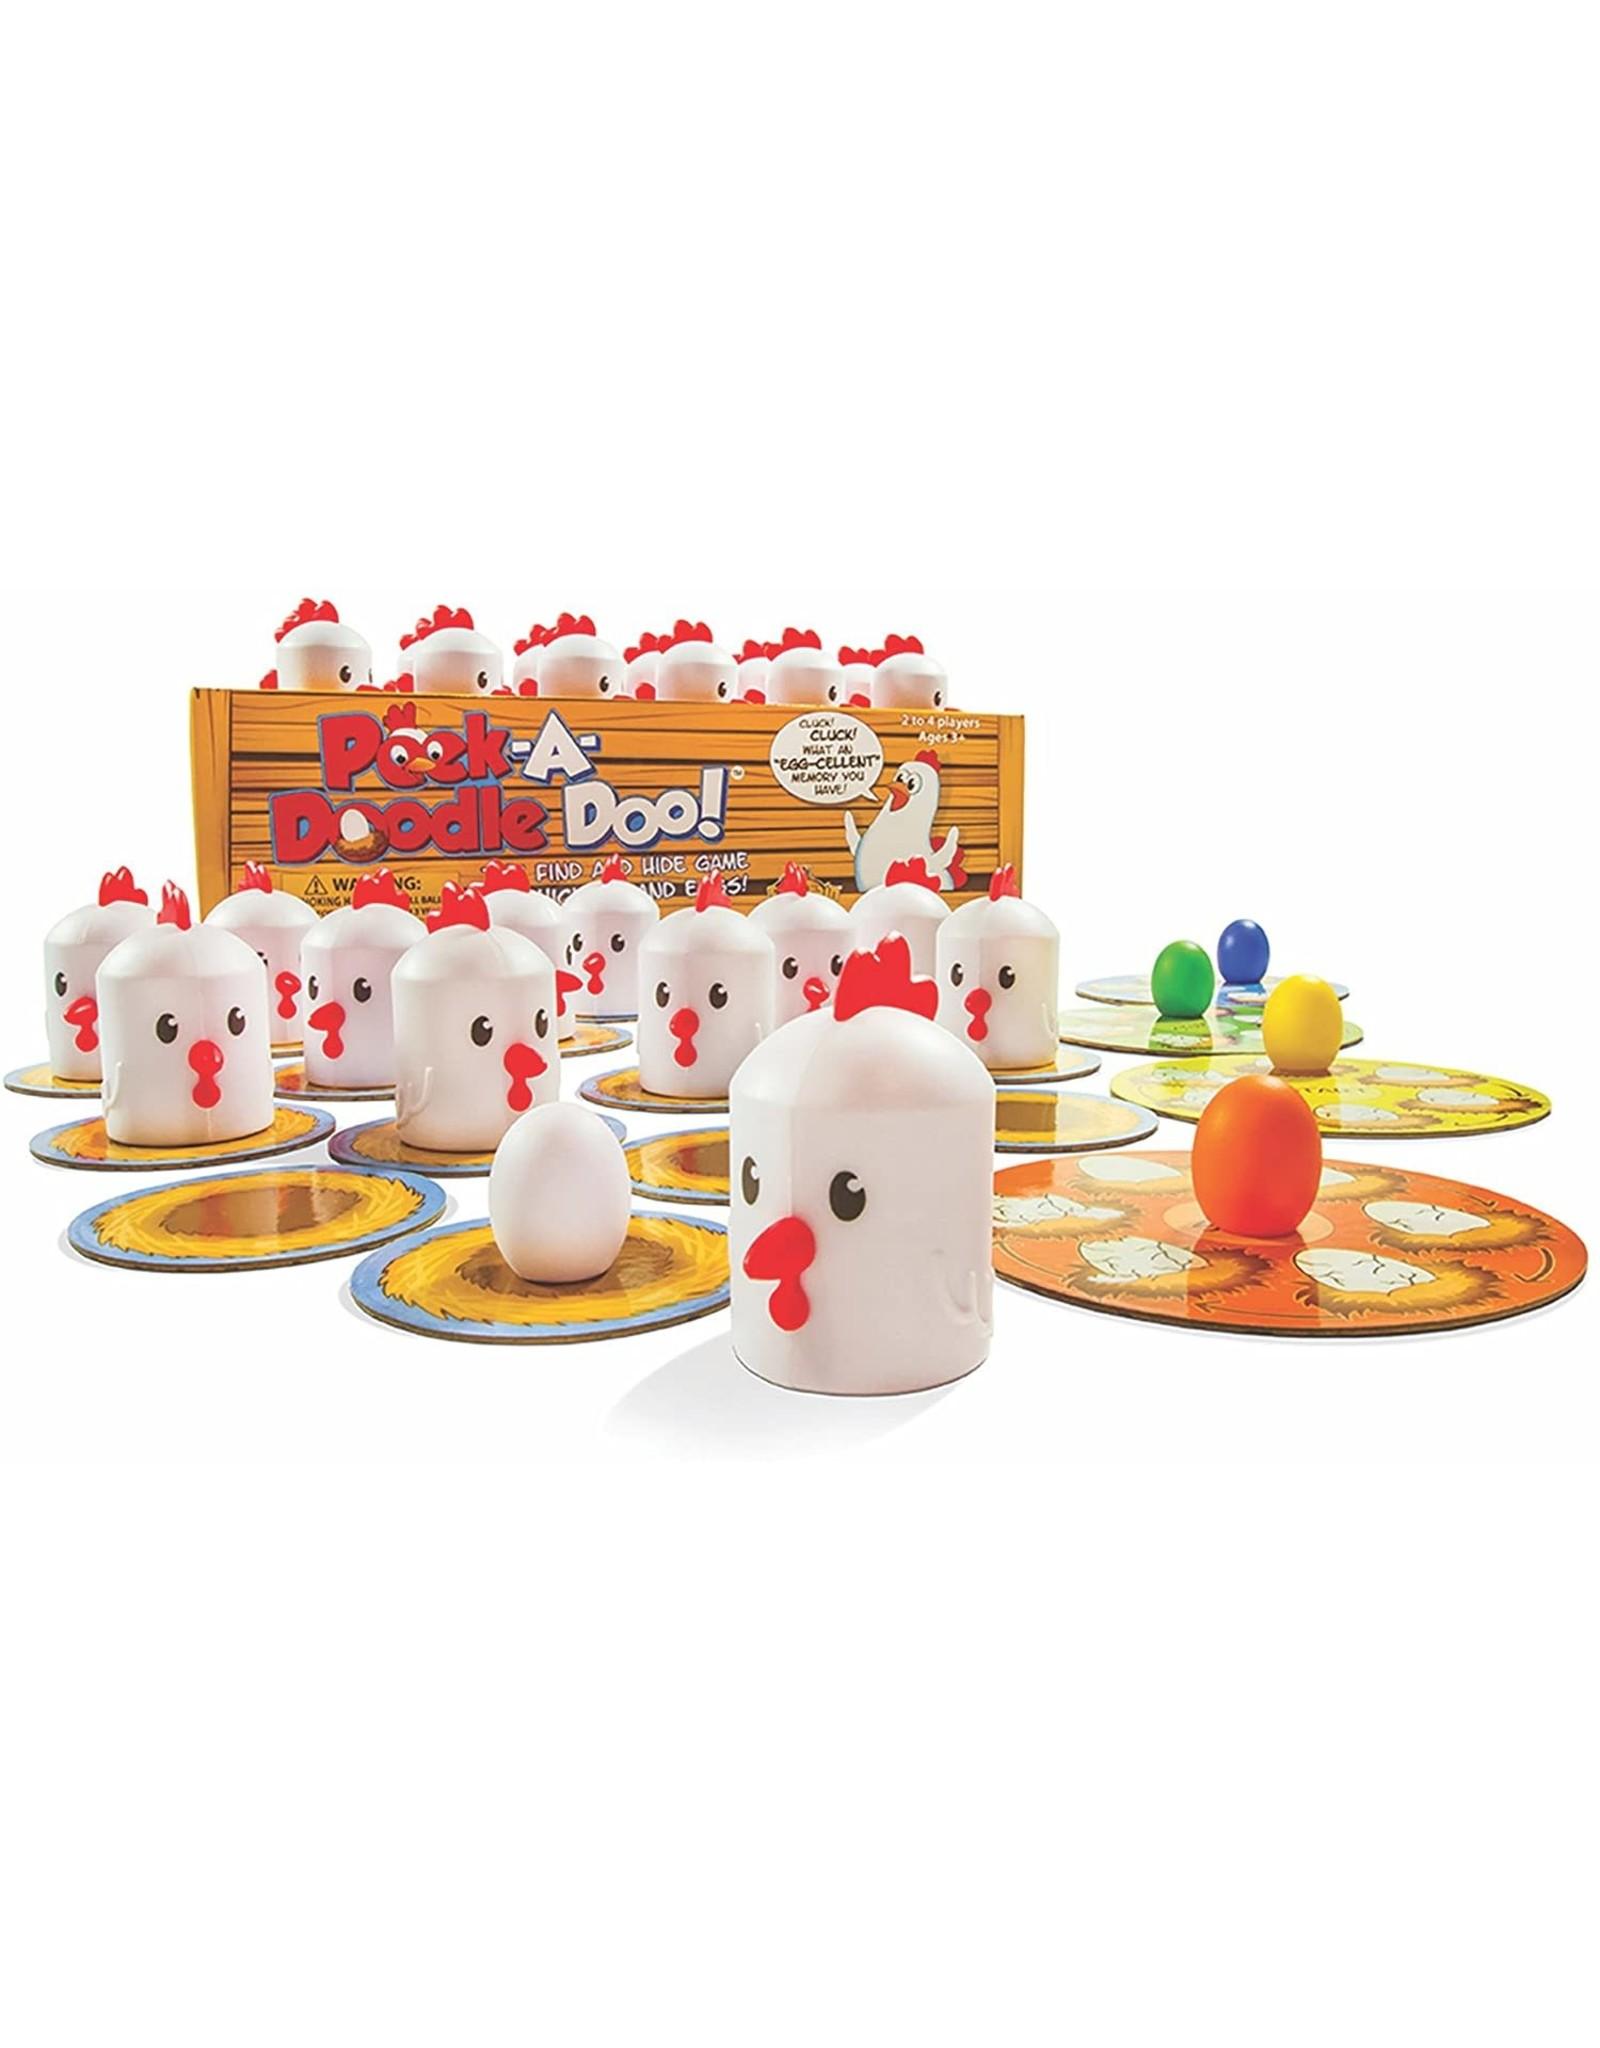 Fat Brain Toy Co. Peek-A-Doodle-Doo